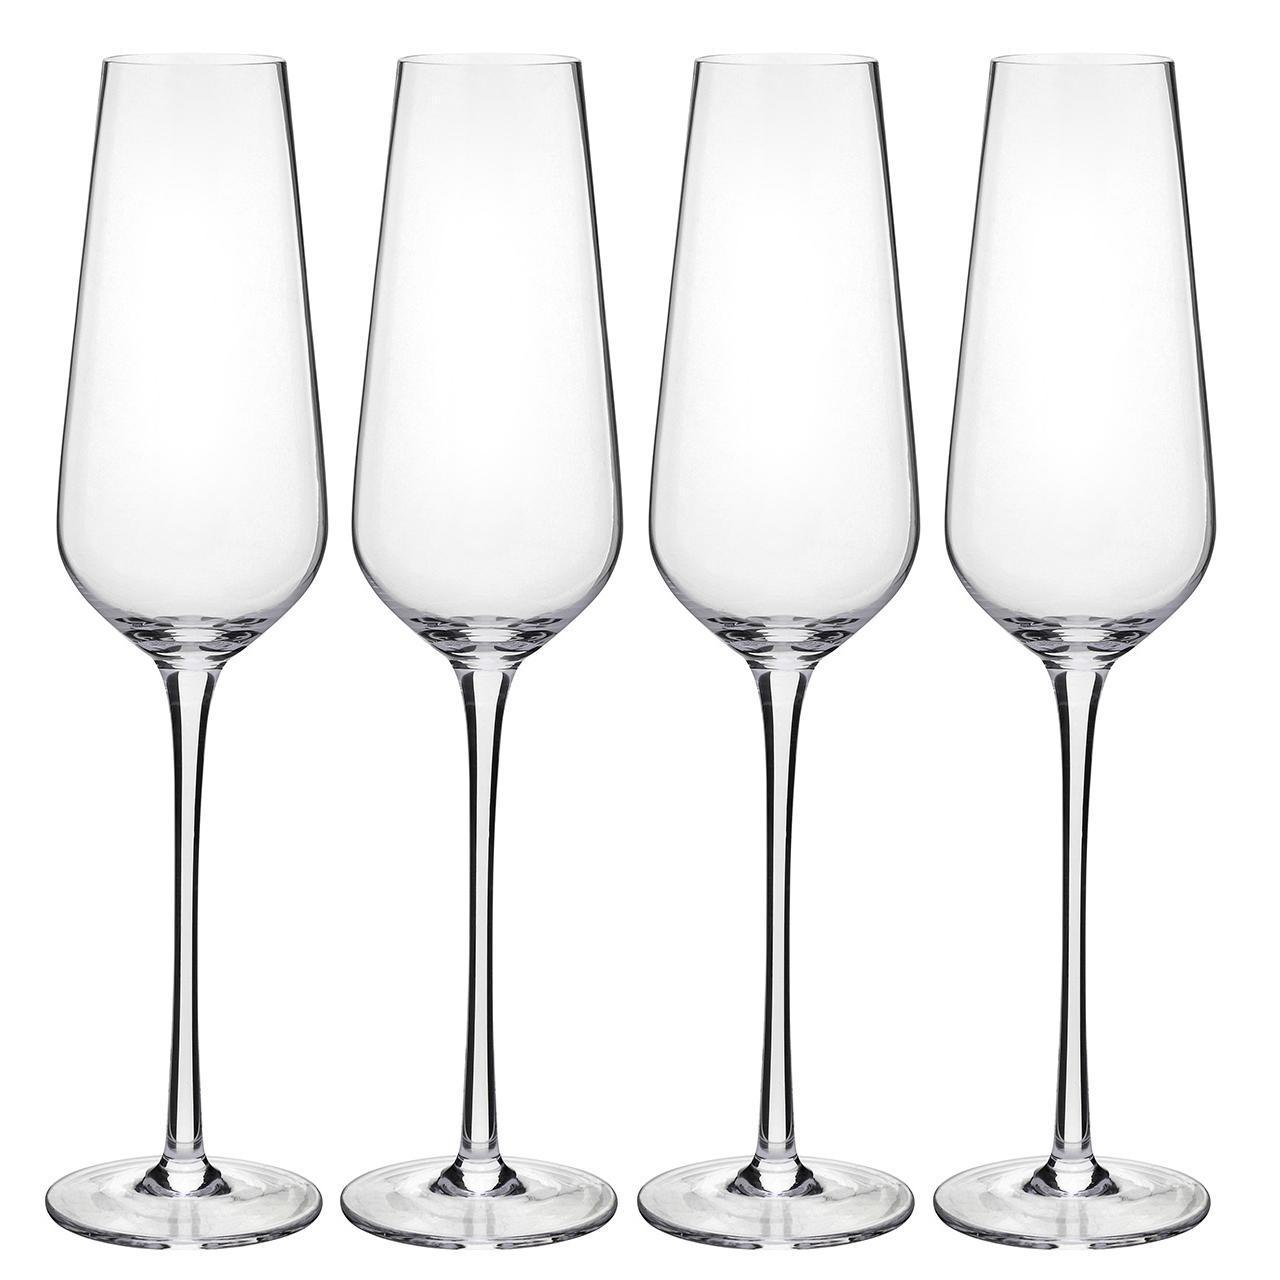 5382e7599c1f Waitrose Champagne Flutes Set